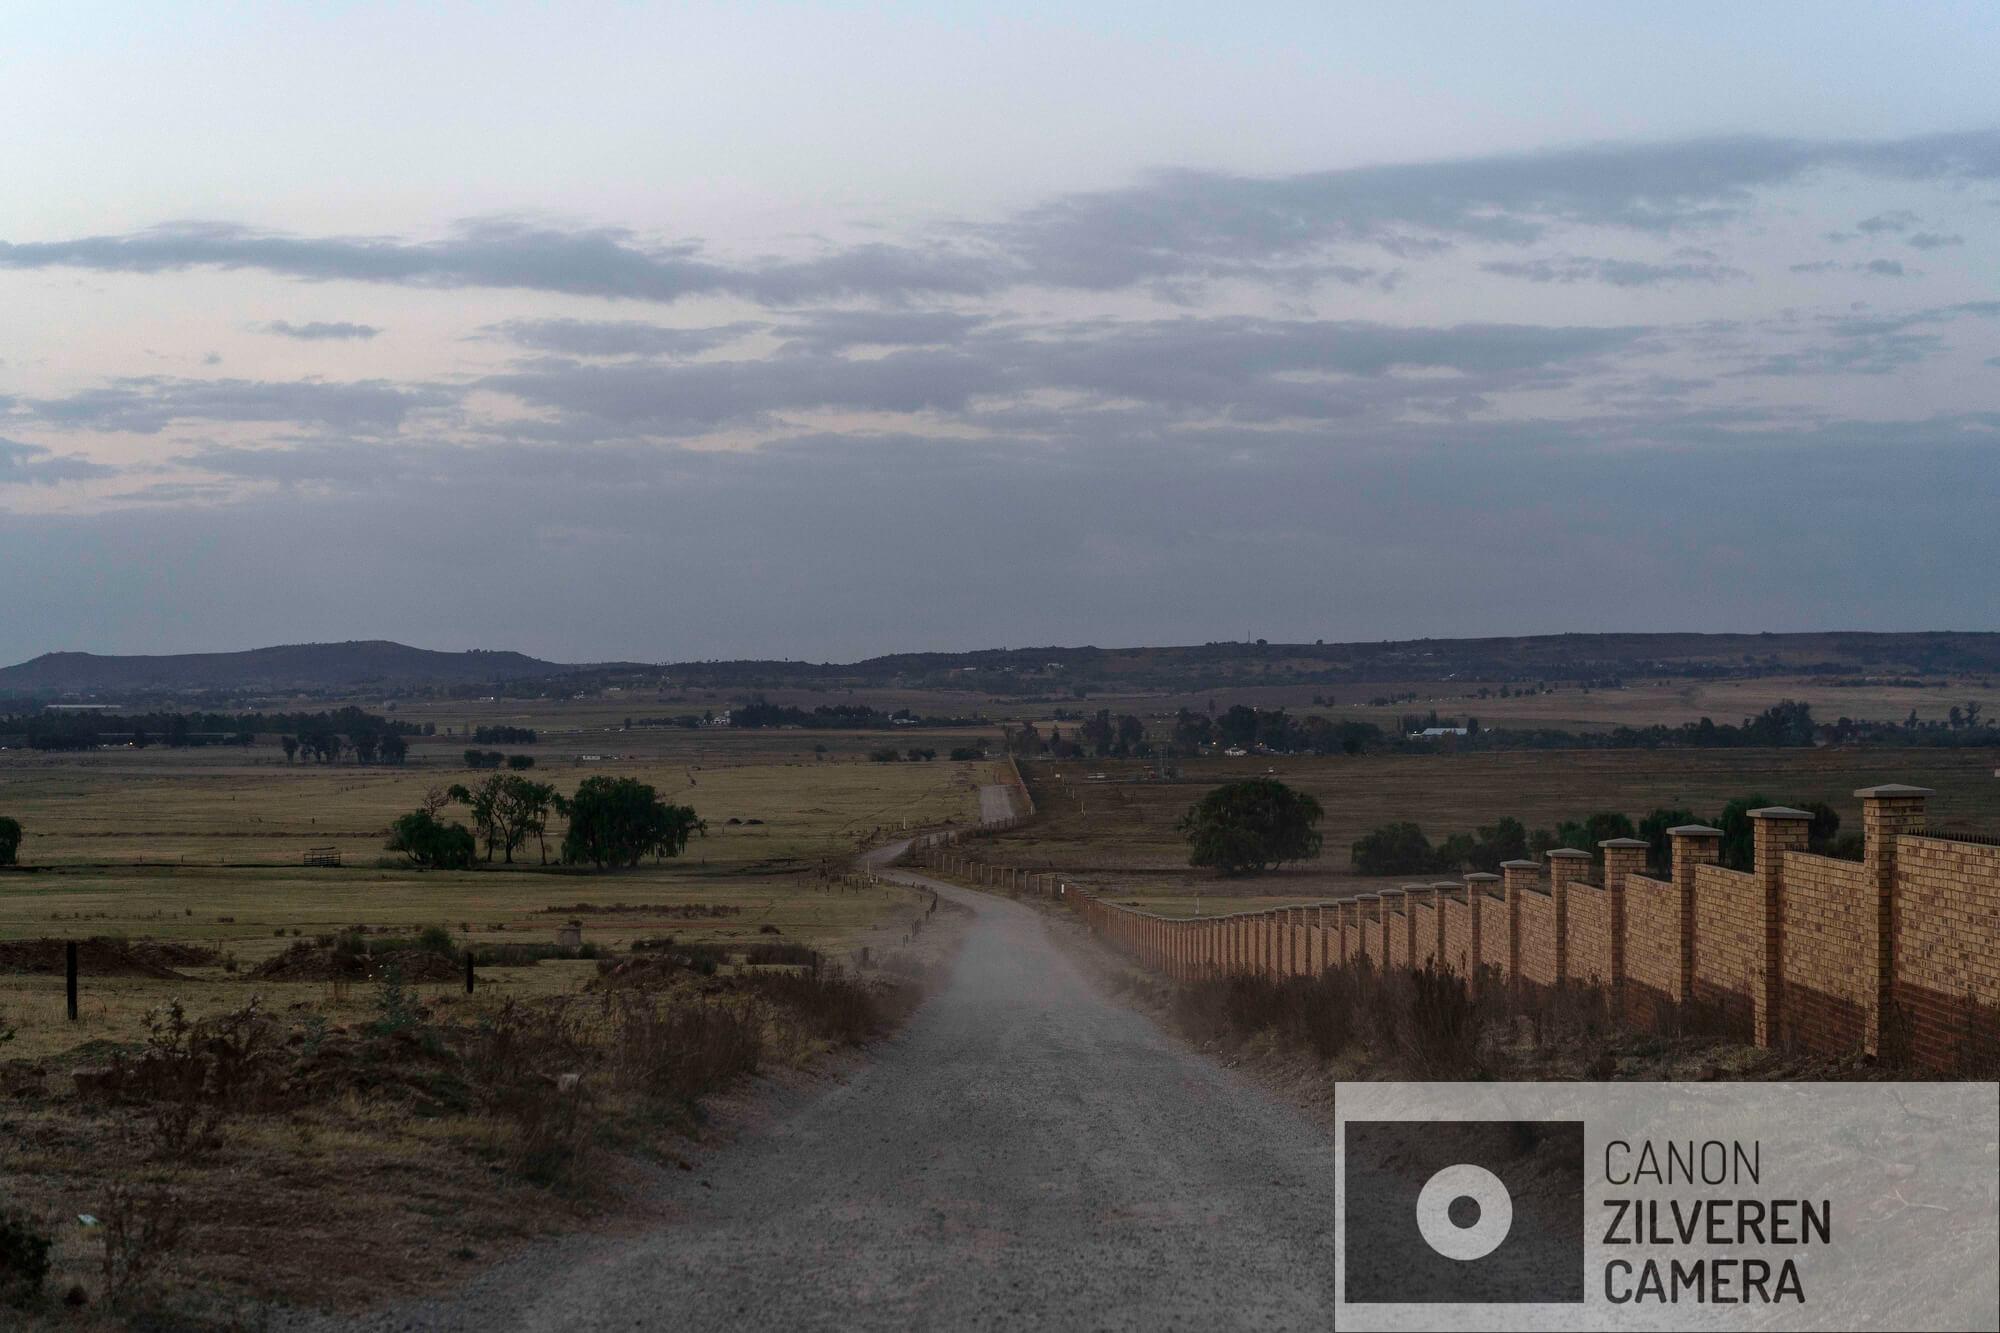 Deze weg leidt naar het Olifantsvlei kerkhof buiten Johannesburg waar ongeïdentificeerde lichamen van voornamelijk migranten worden begraven.